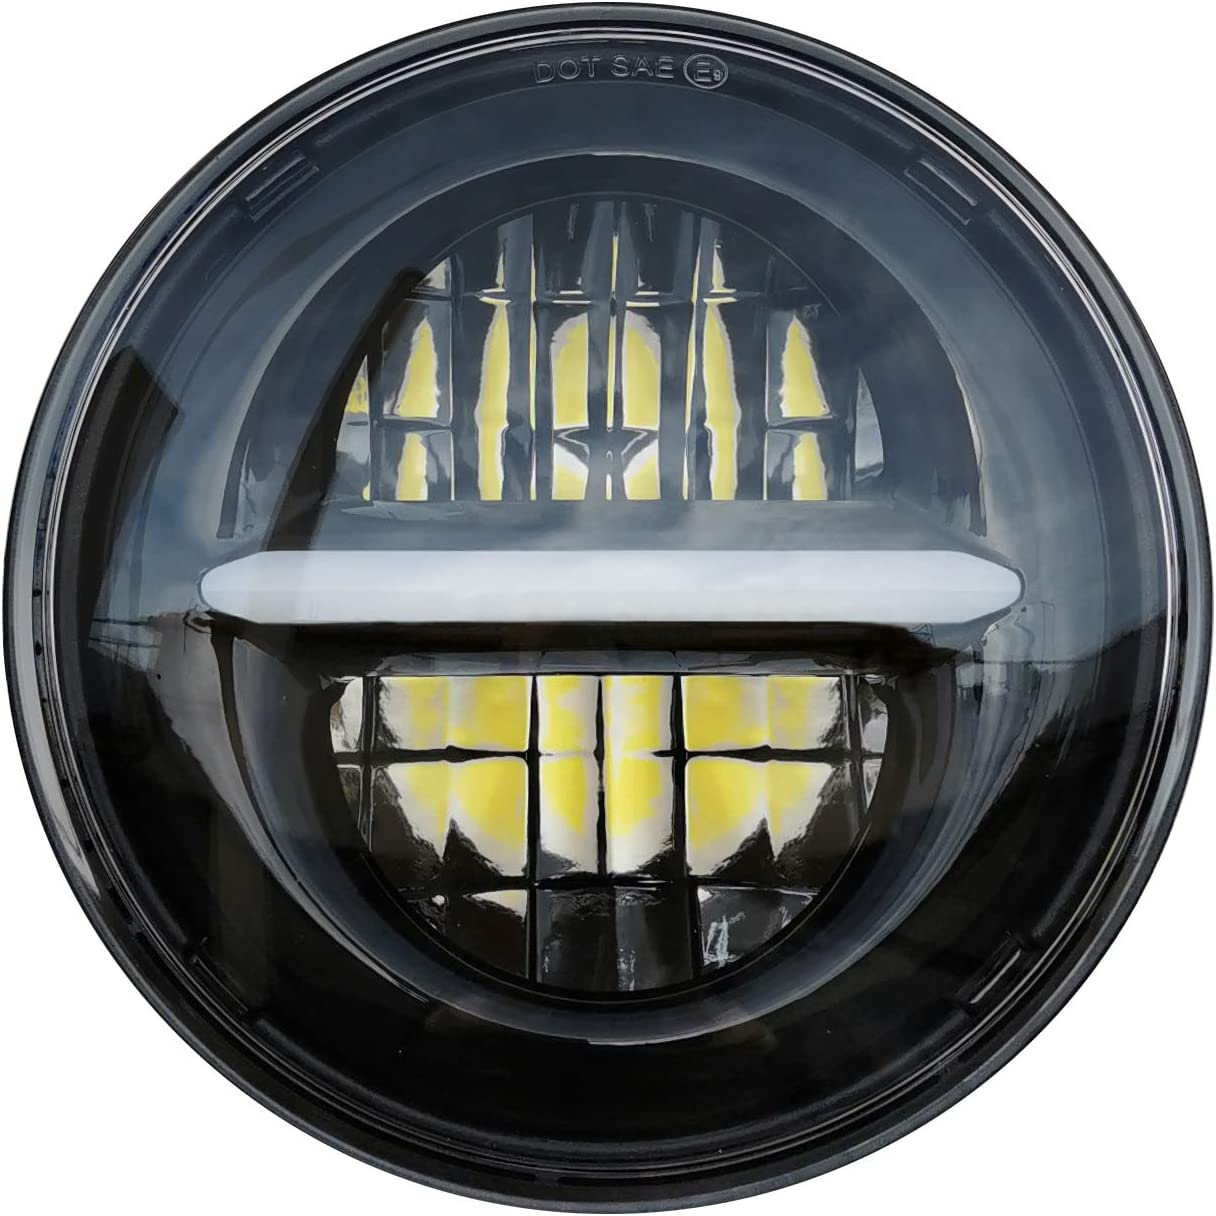 Lenkerendenspiegel Oval für Harley Sportster 883 Superlow schwarz